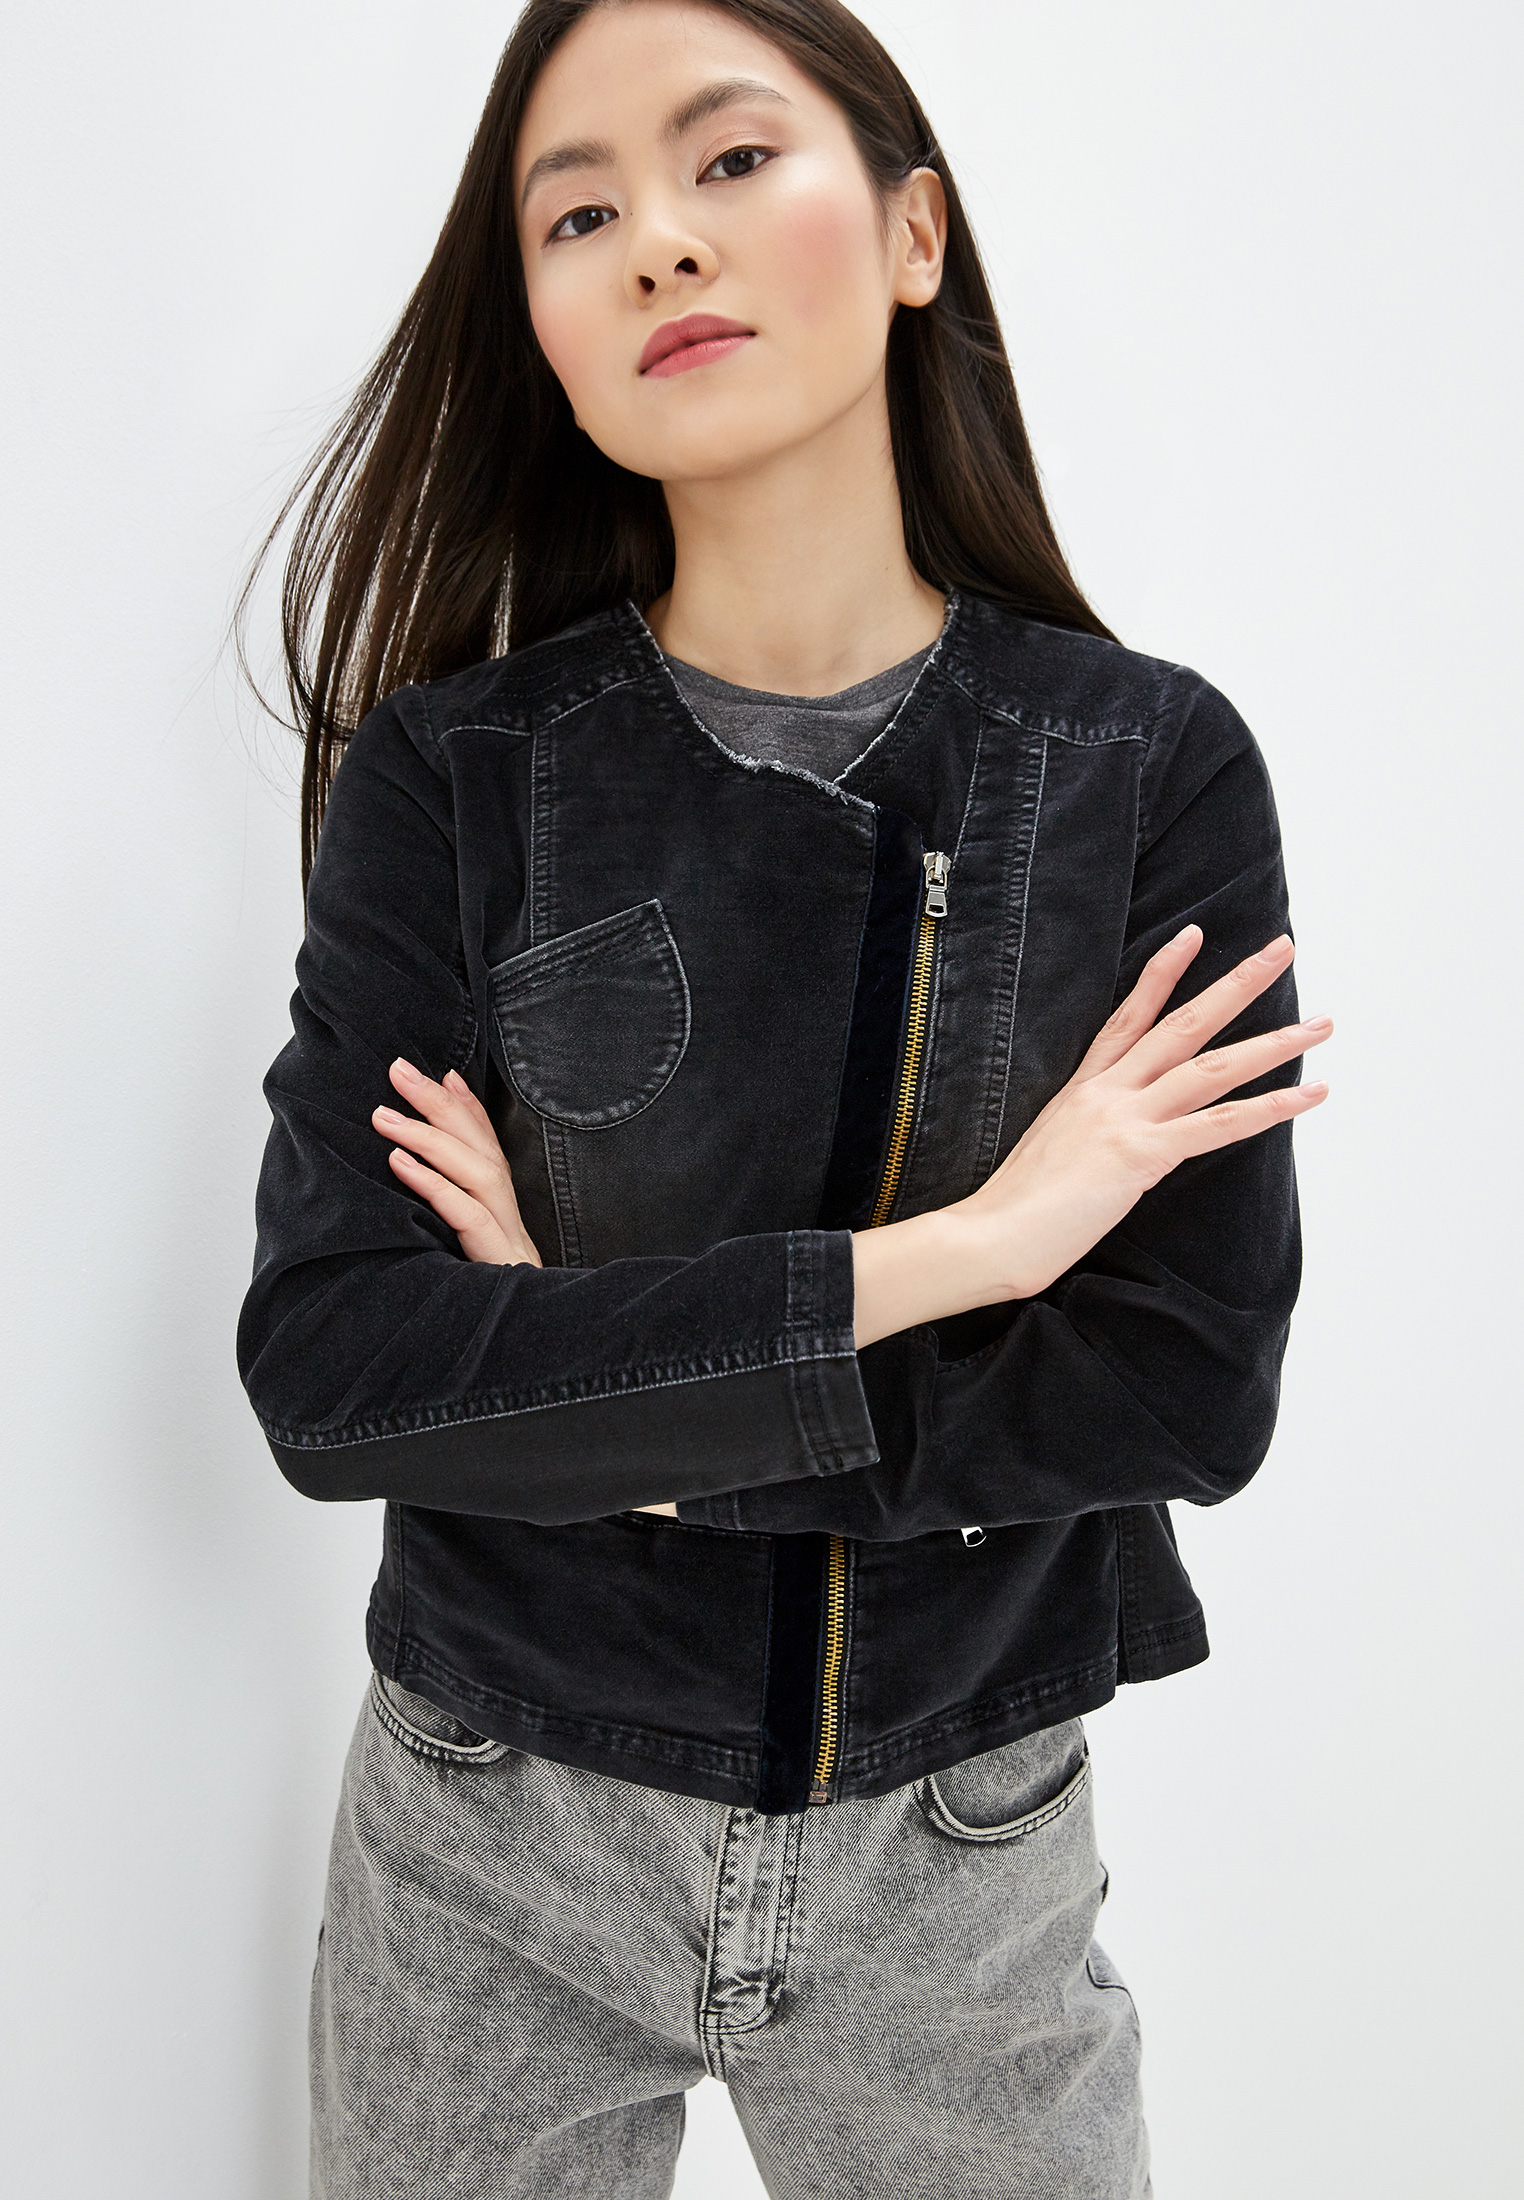 Джинсовая куртка Taifun 330035-17033